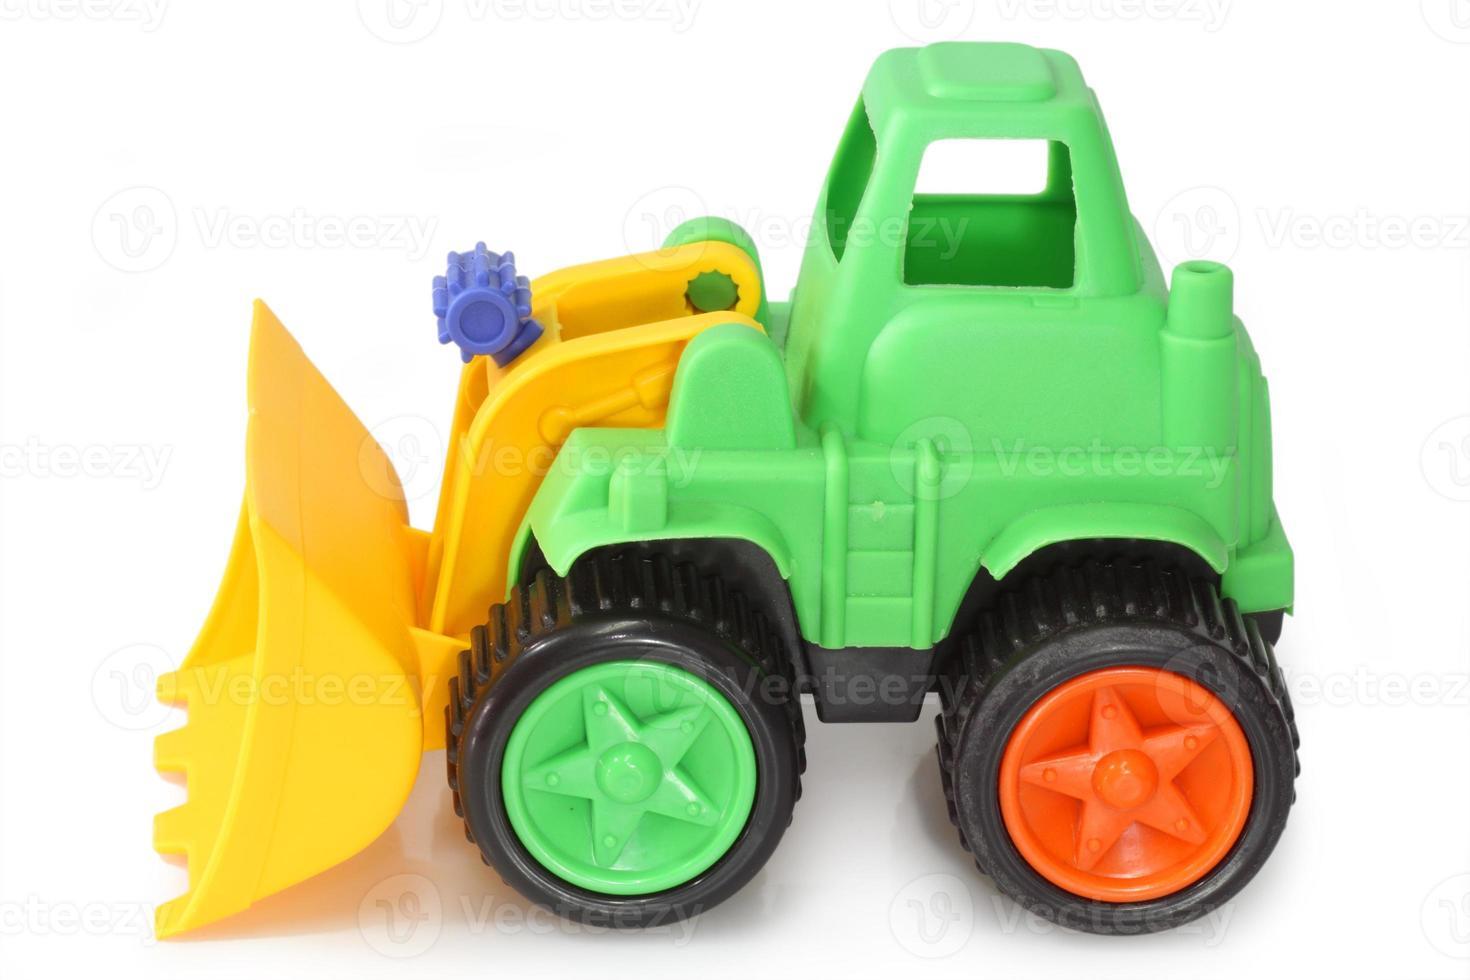 escavador de brinquedo foto